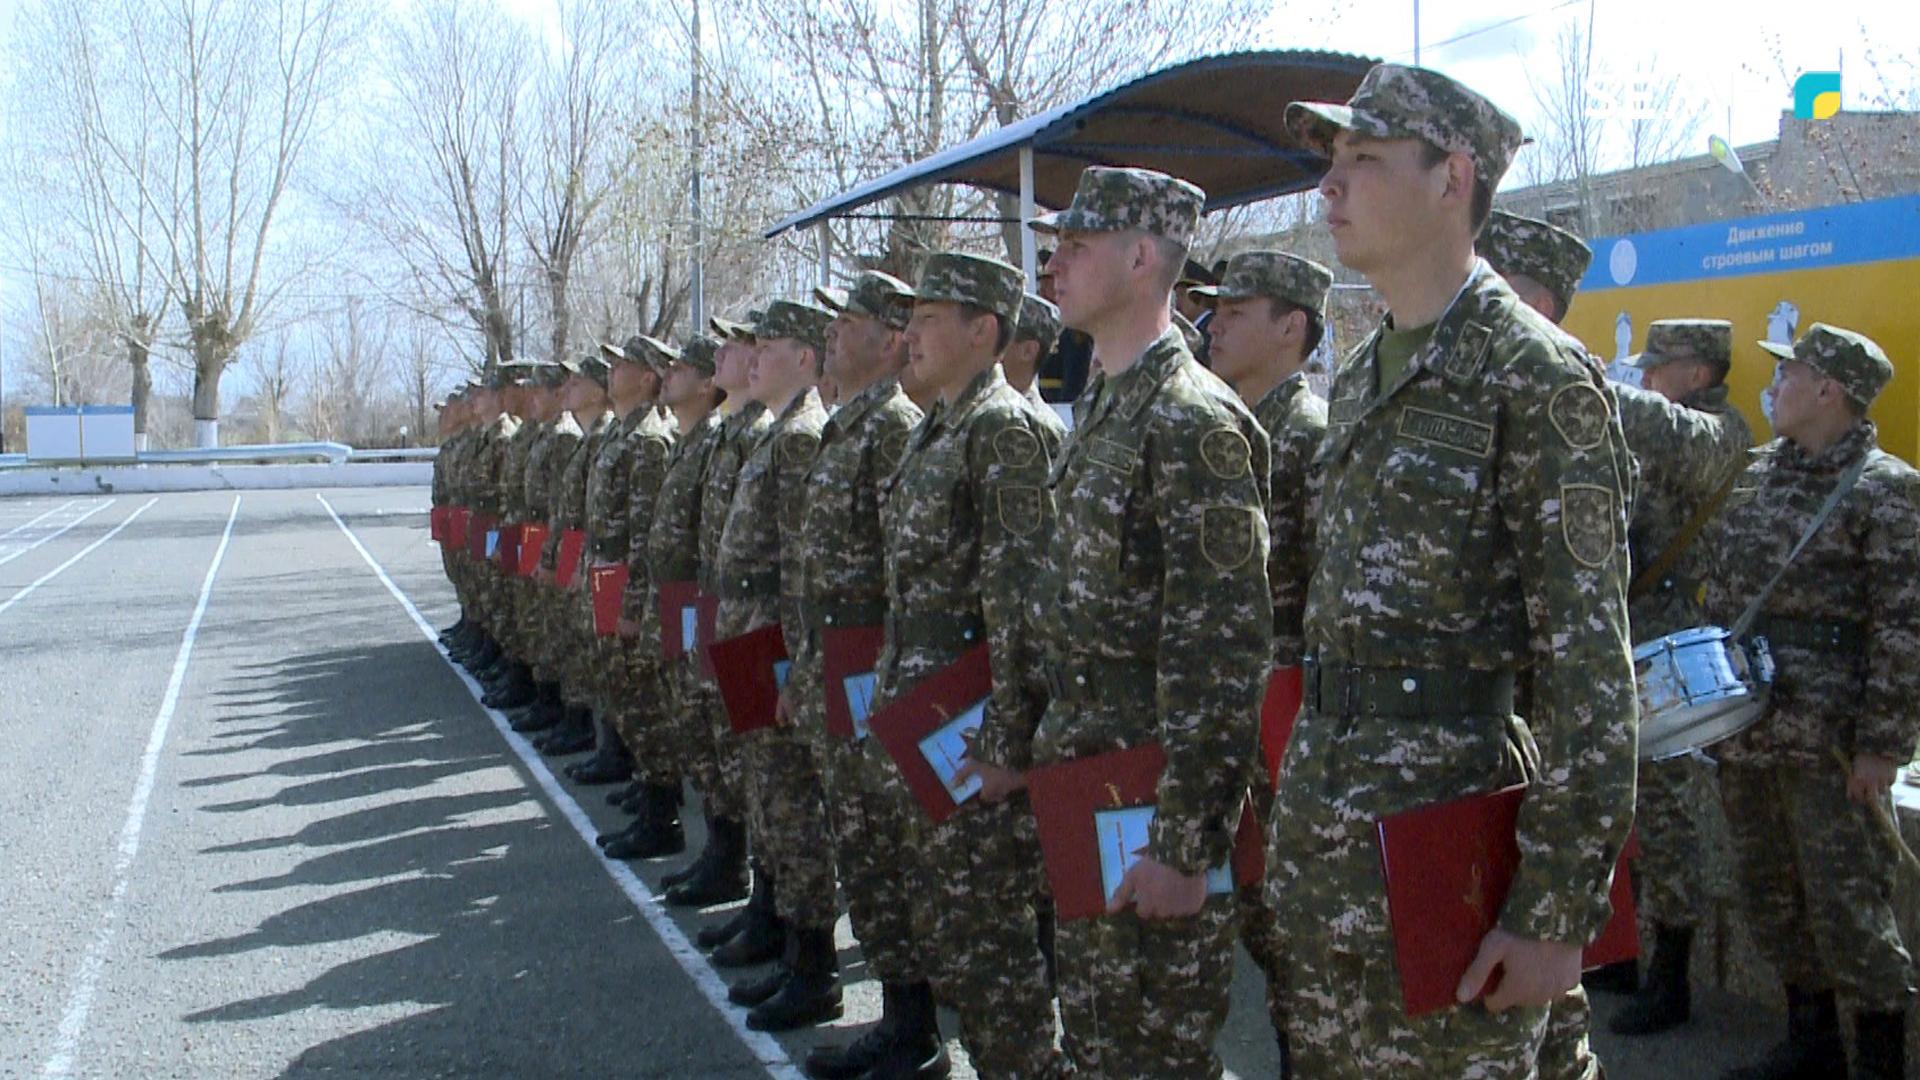 Скачать песню армейские - что такое осень - это дембель бесплатно и слушать онлайн | gybka.com